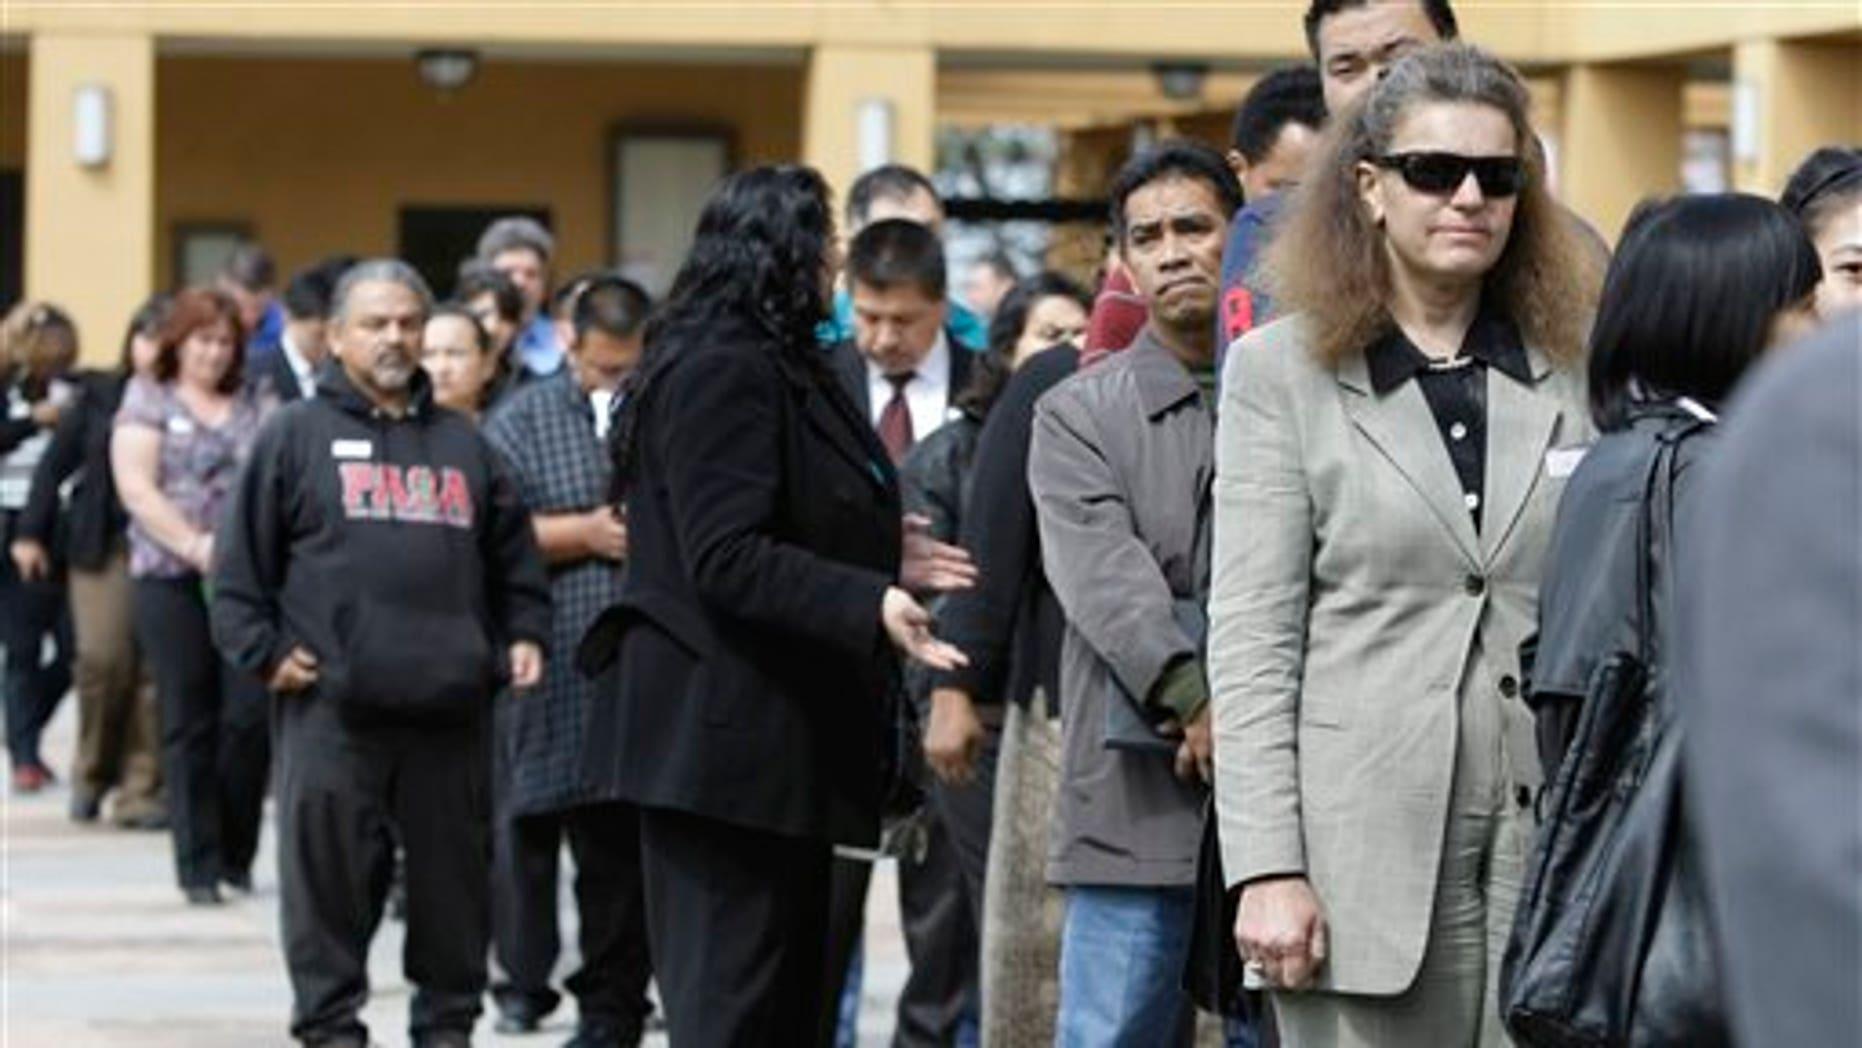 Job applicants wait in line at a job fair in San Jose, California.